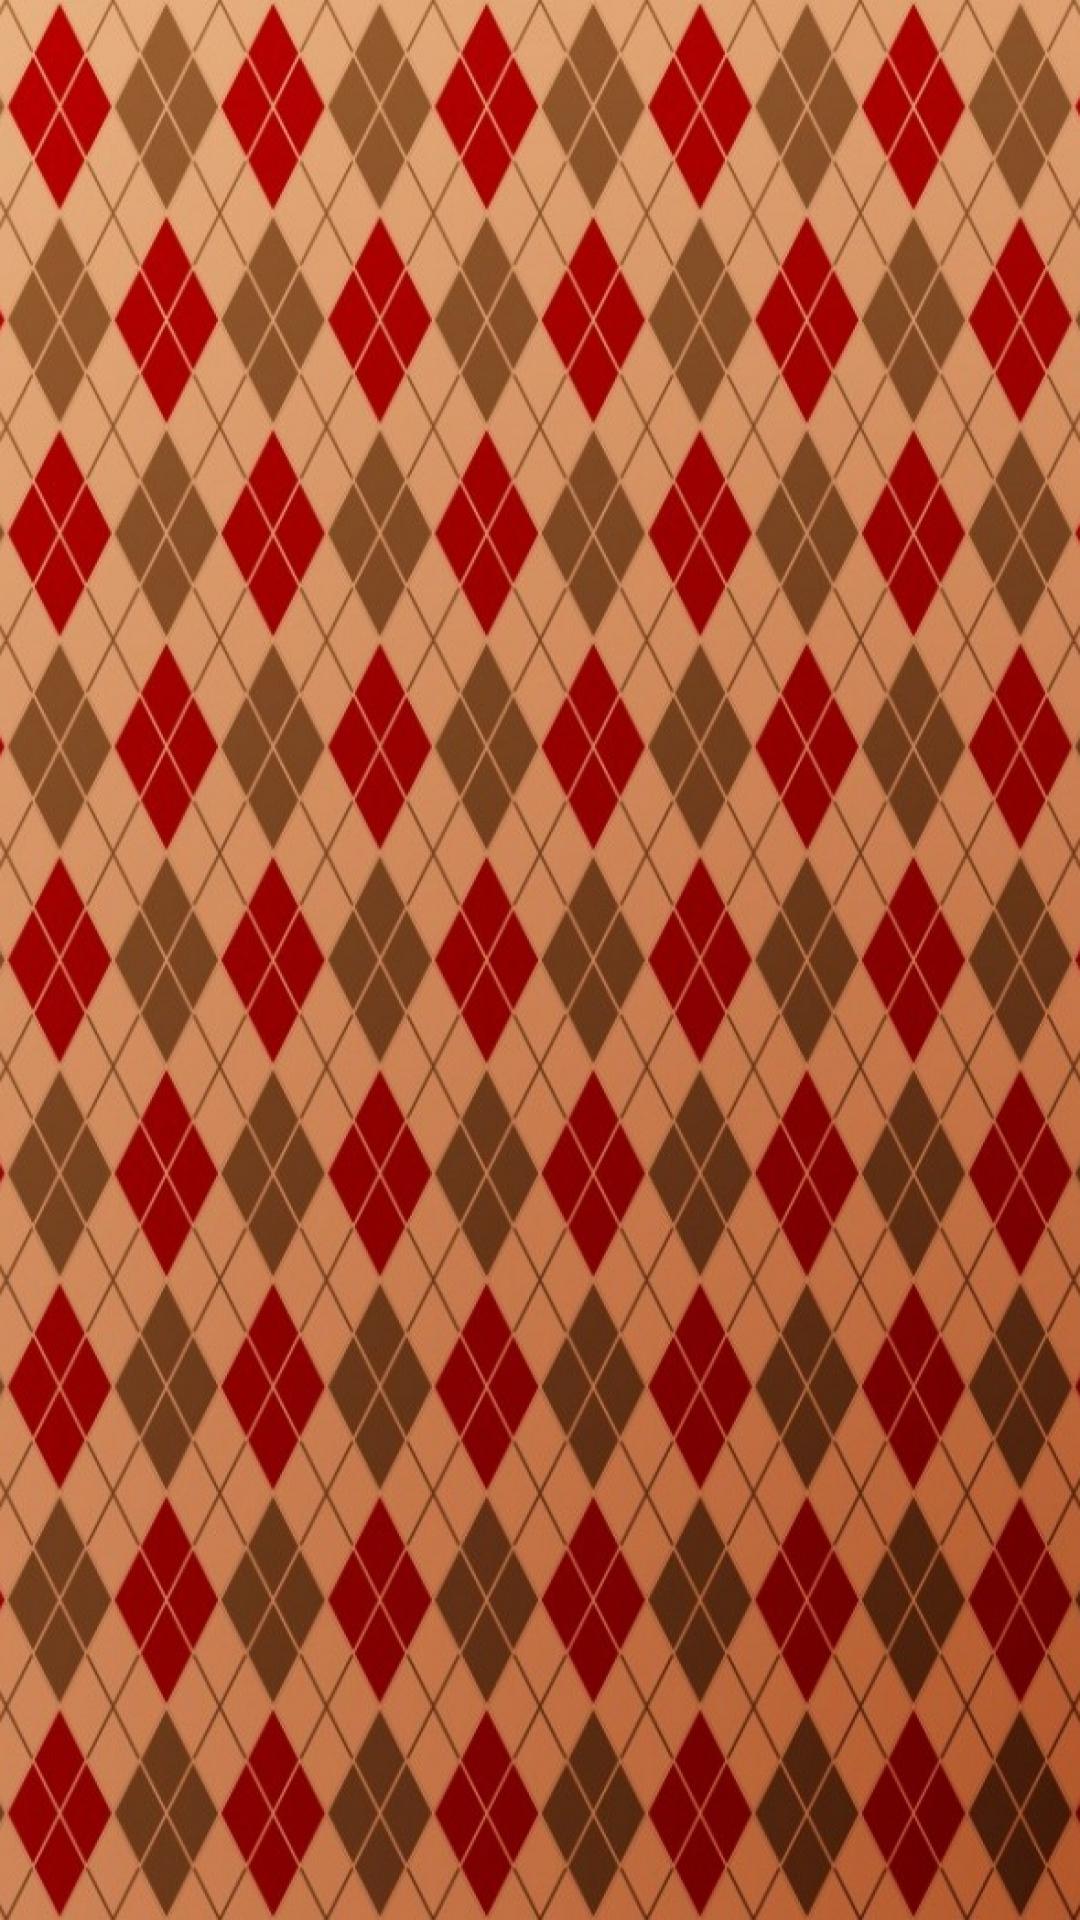 Wallpaper For Iphone X Live Vintage Iphone Wallpapers Pixelstalk Net